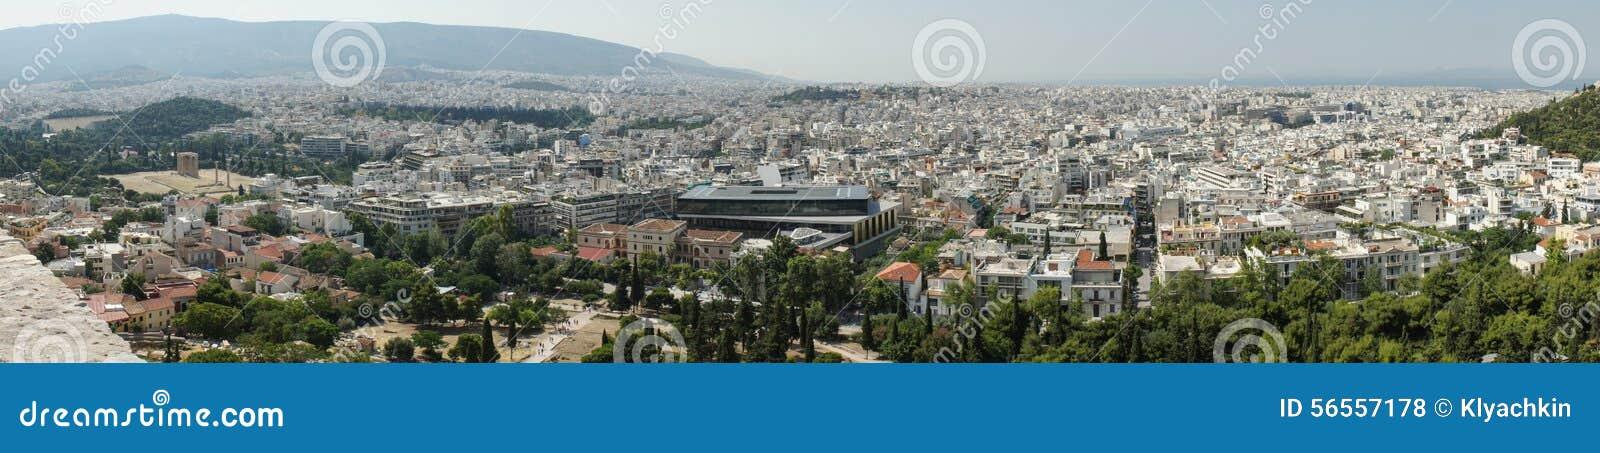 Download πανόραμα της Αθήνας εκδοτική στοκ εικόνες. εικόνα από εμφανίζει - 56557178